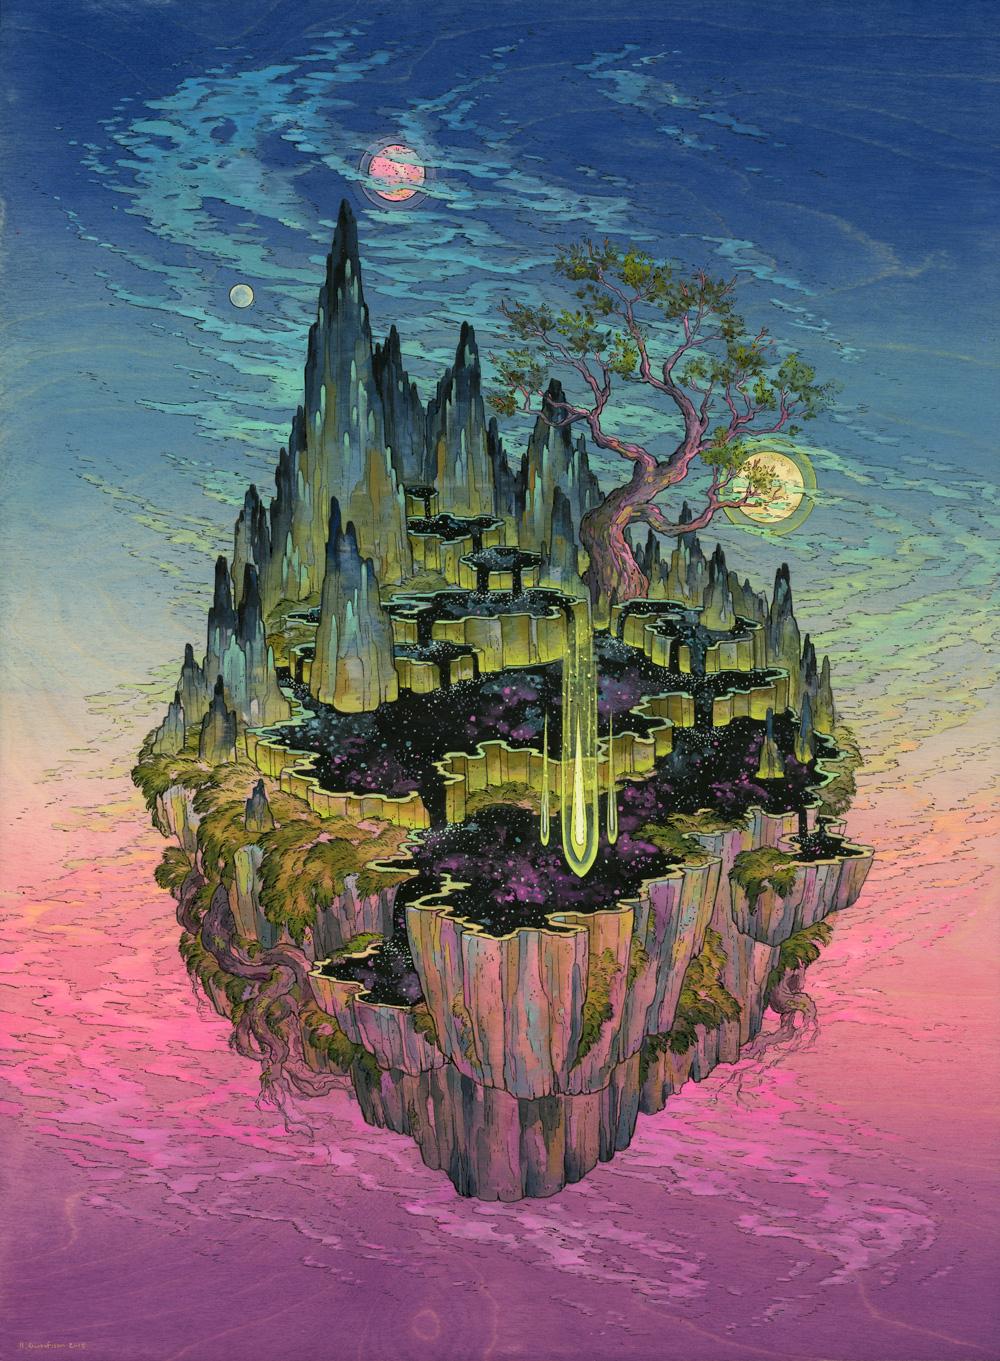 nicole-gustafsson-ilustracao-surreal-fantasia-1